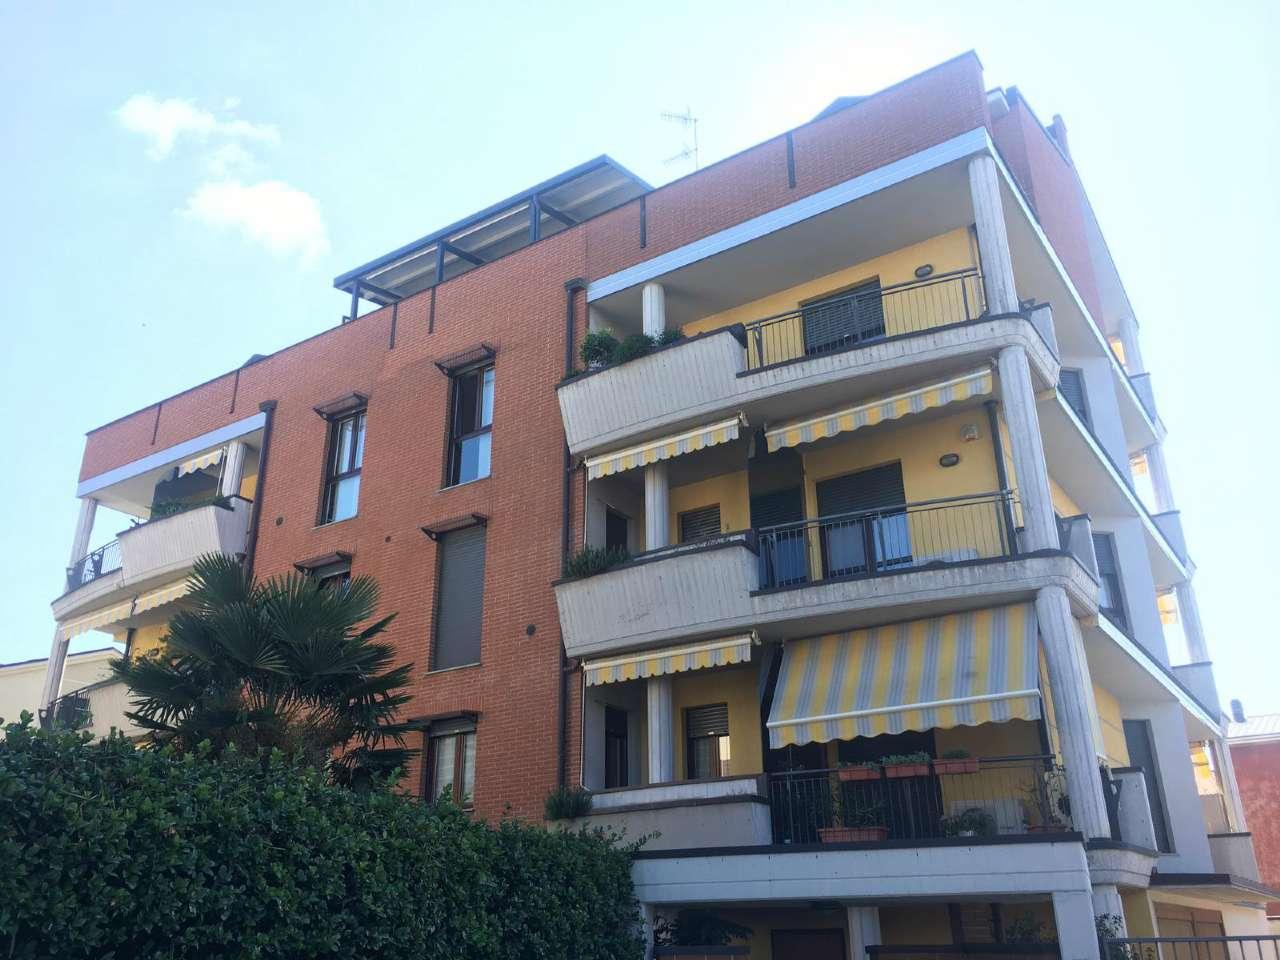 Appartamento in vendita a Cassano Magnago, 1 locali, prezzo € 115.000 | CambioCasa.it